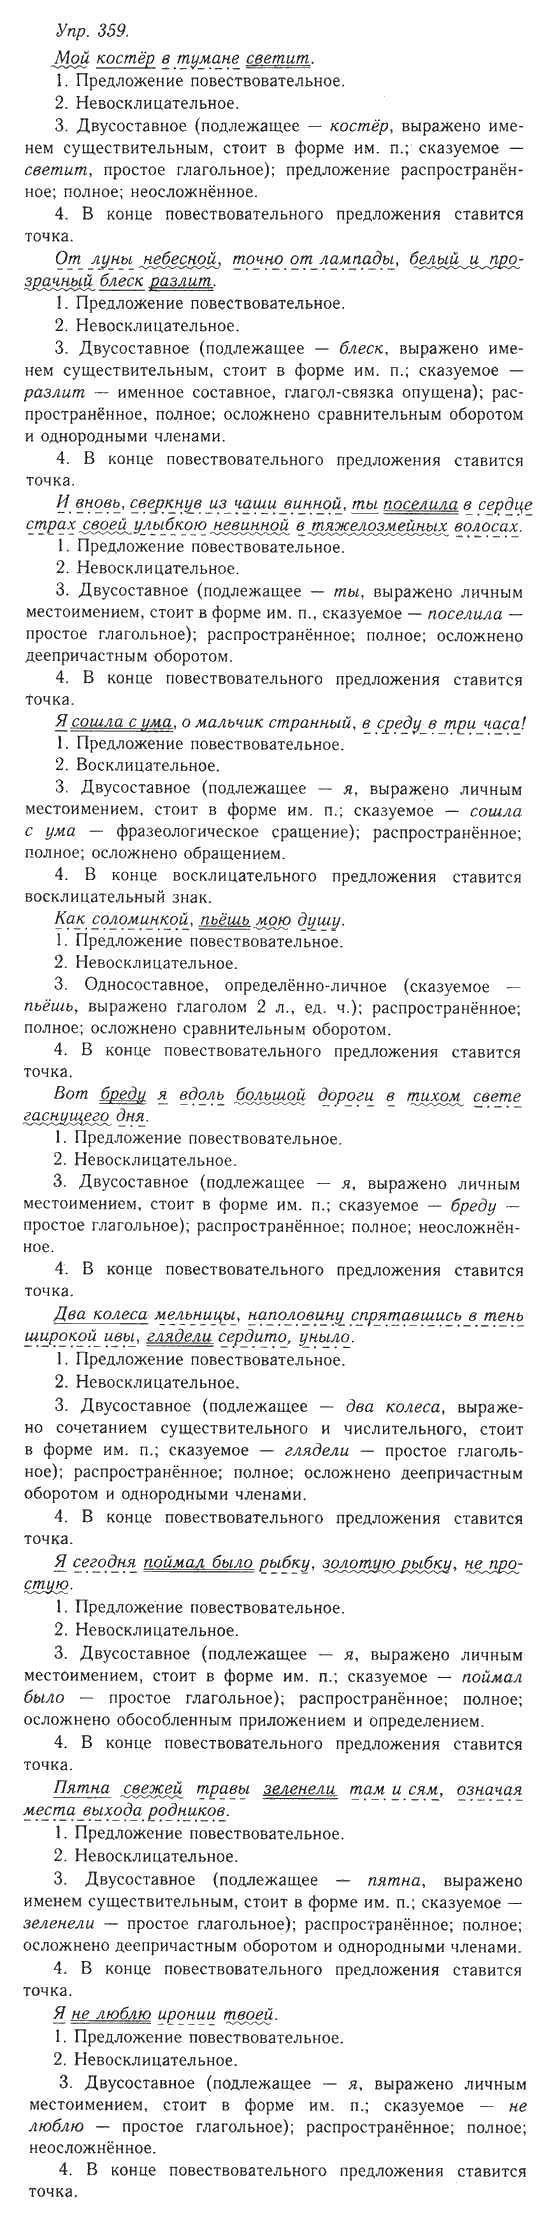 Скачать решебник геометрия 8 класс тематические тесты мищенко блинков